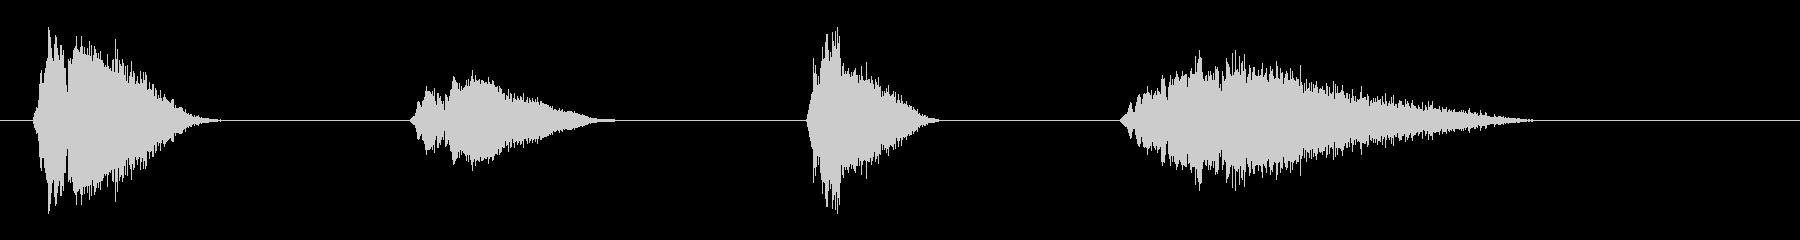 ファニーヒット+ホイッスル-ロング...の未再生の波形